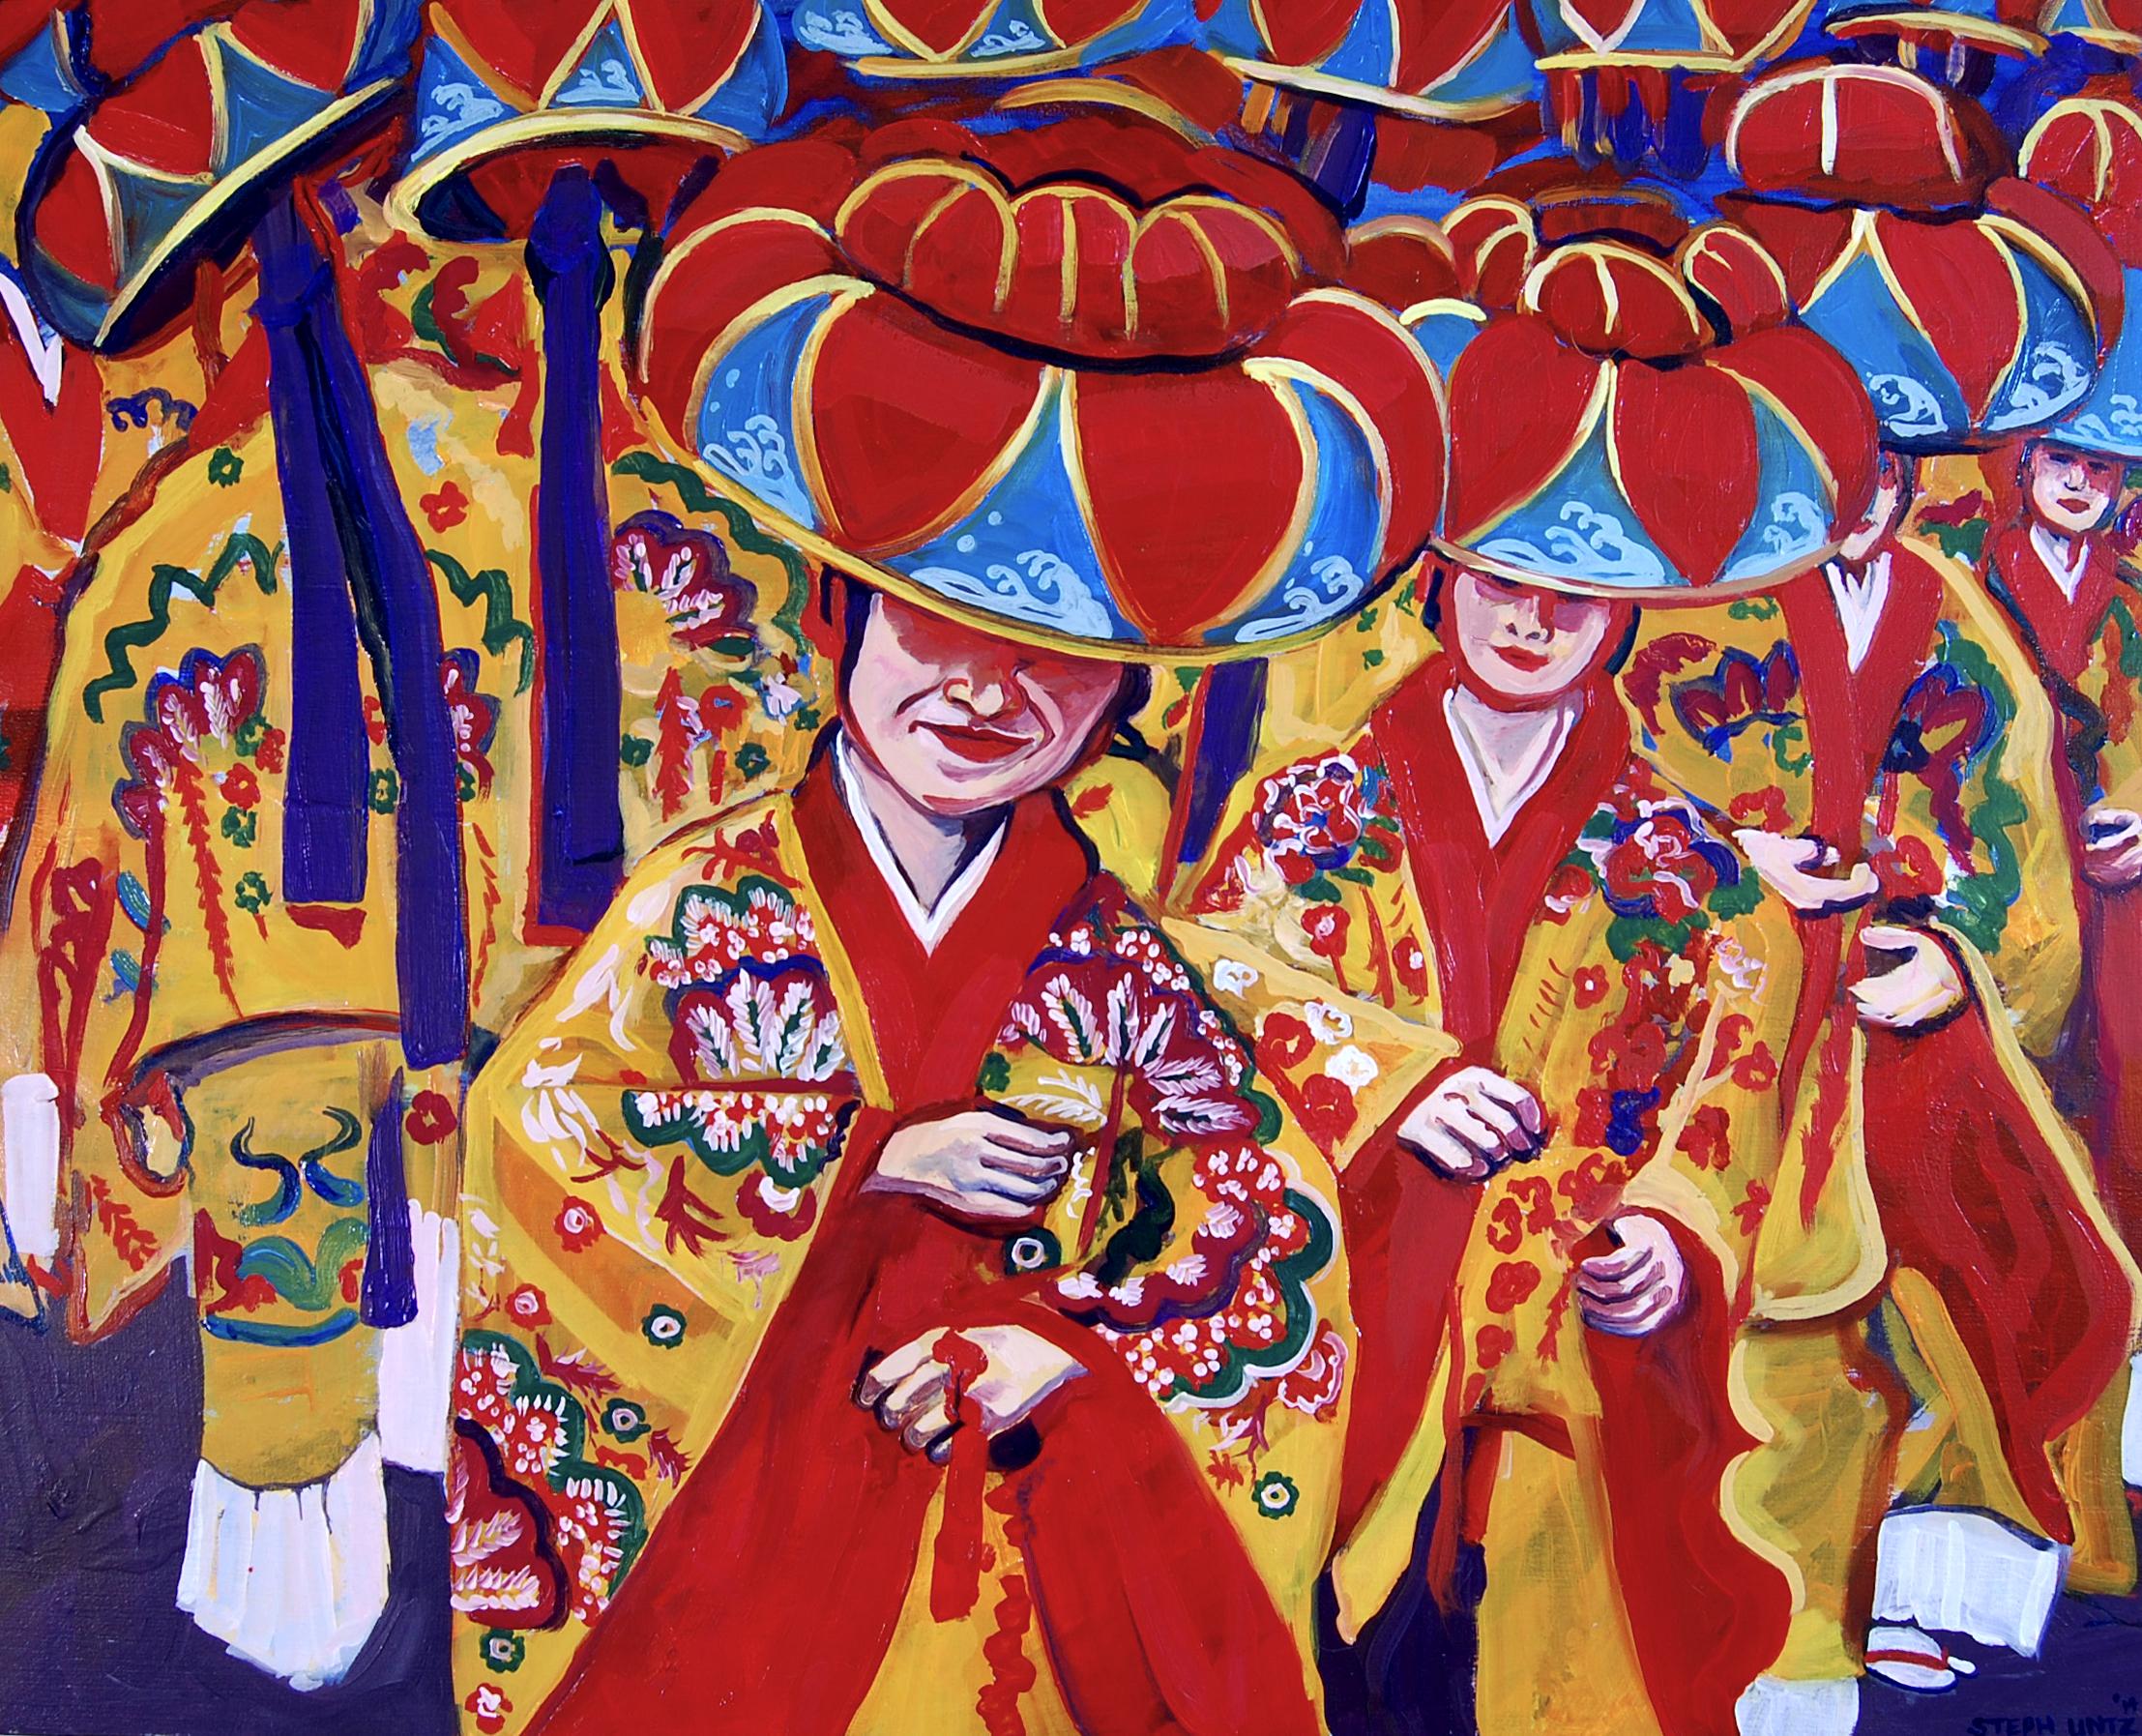 Ryukyuan Dancers